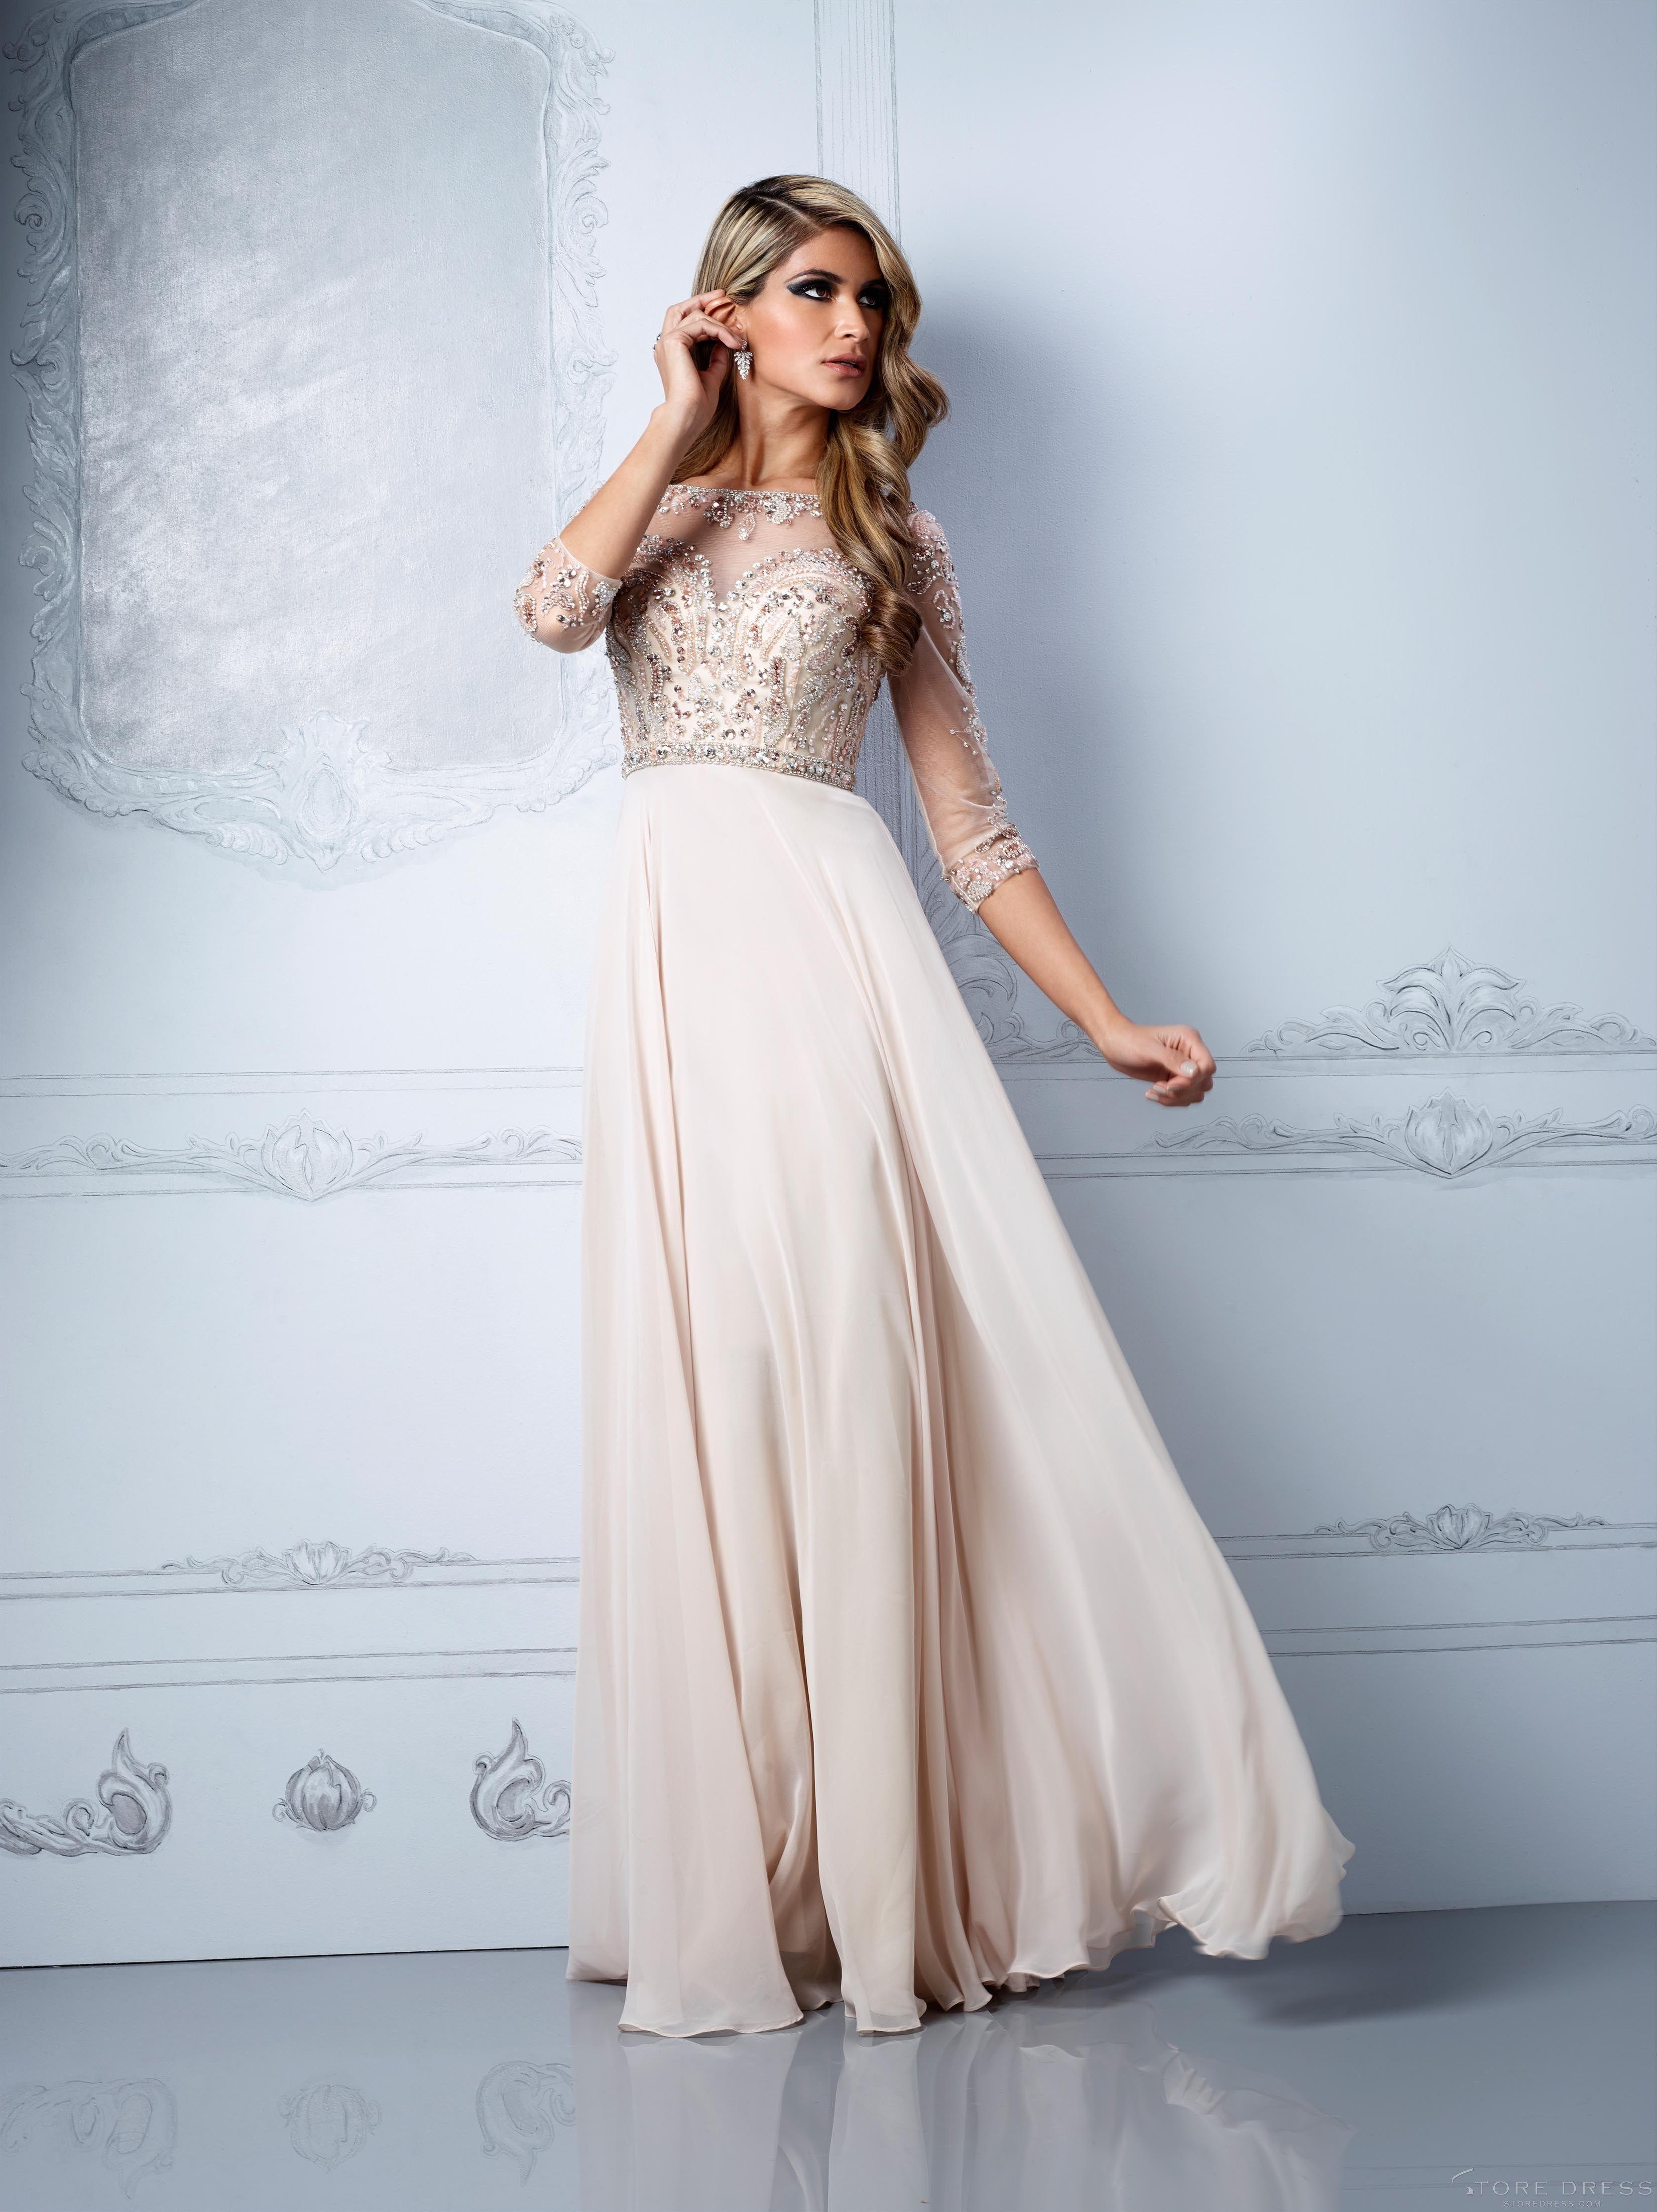 Fantastisch Creme Prom Kleid Zeitgenössisch - Brautkleider Ideen ...